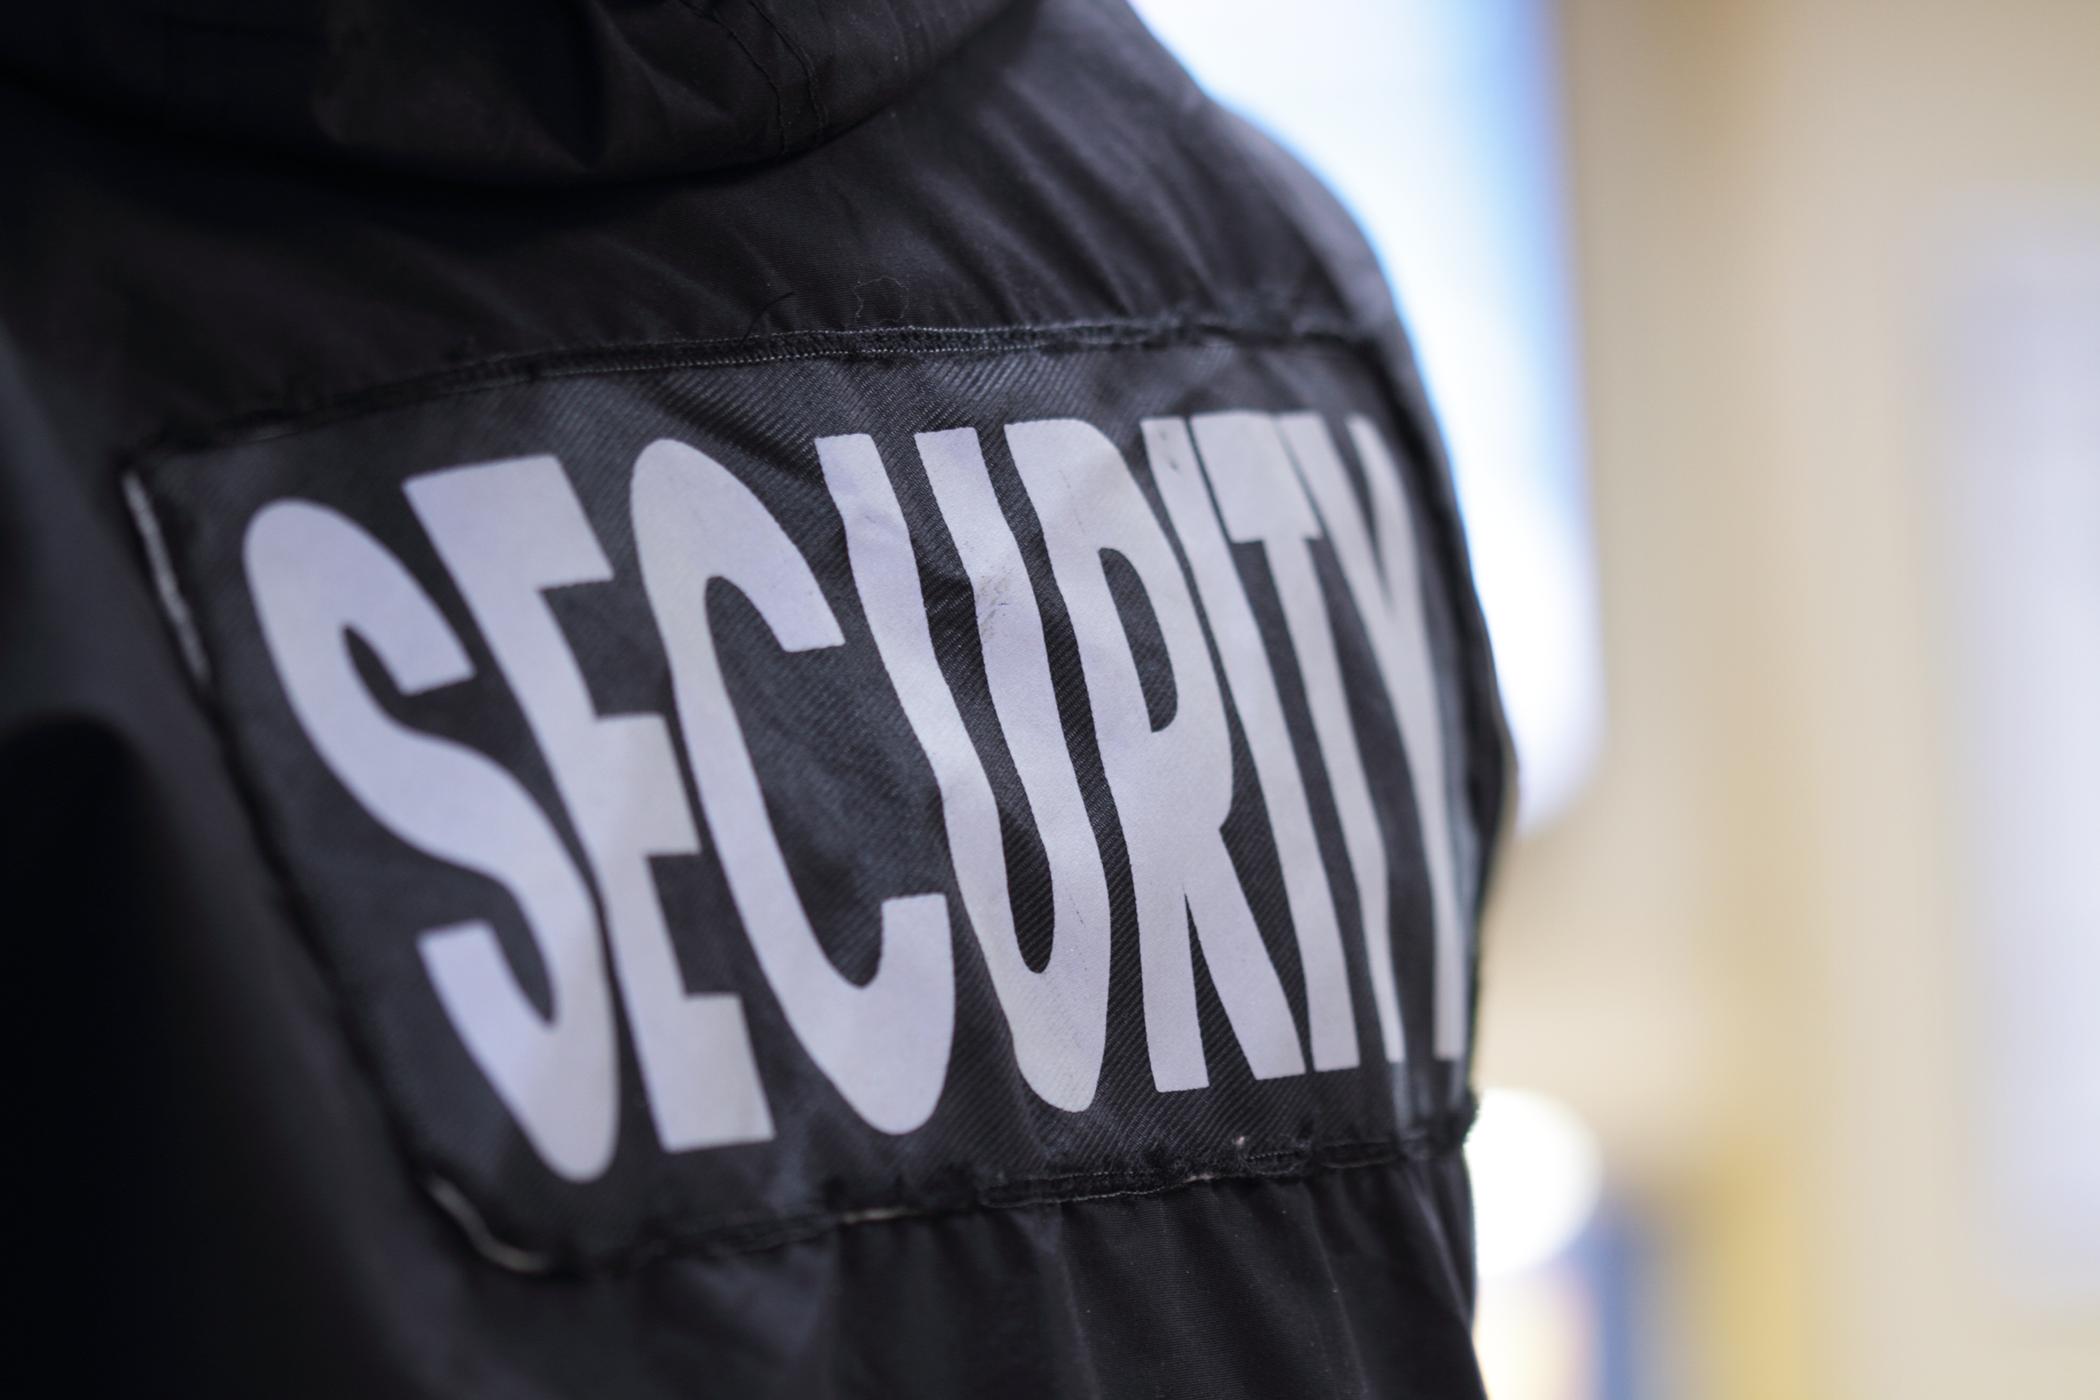 Πιστοποίηση για απόκτηση άδειας Προσωπικού Ιδιωτικής Ασφάλειας - Security